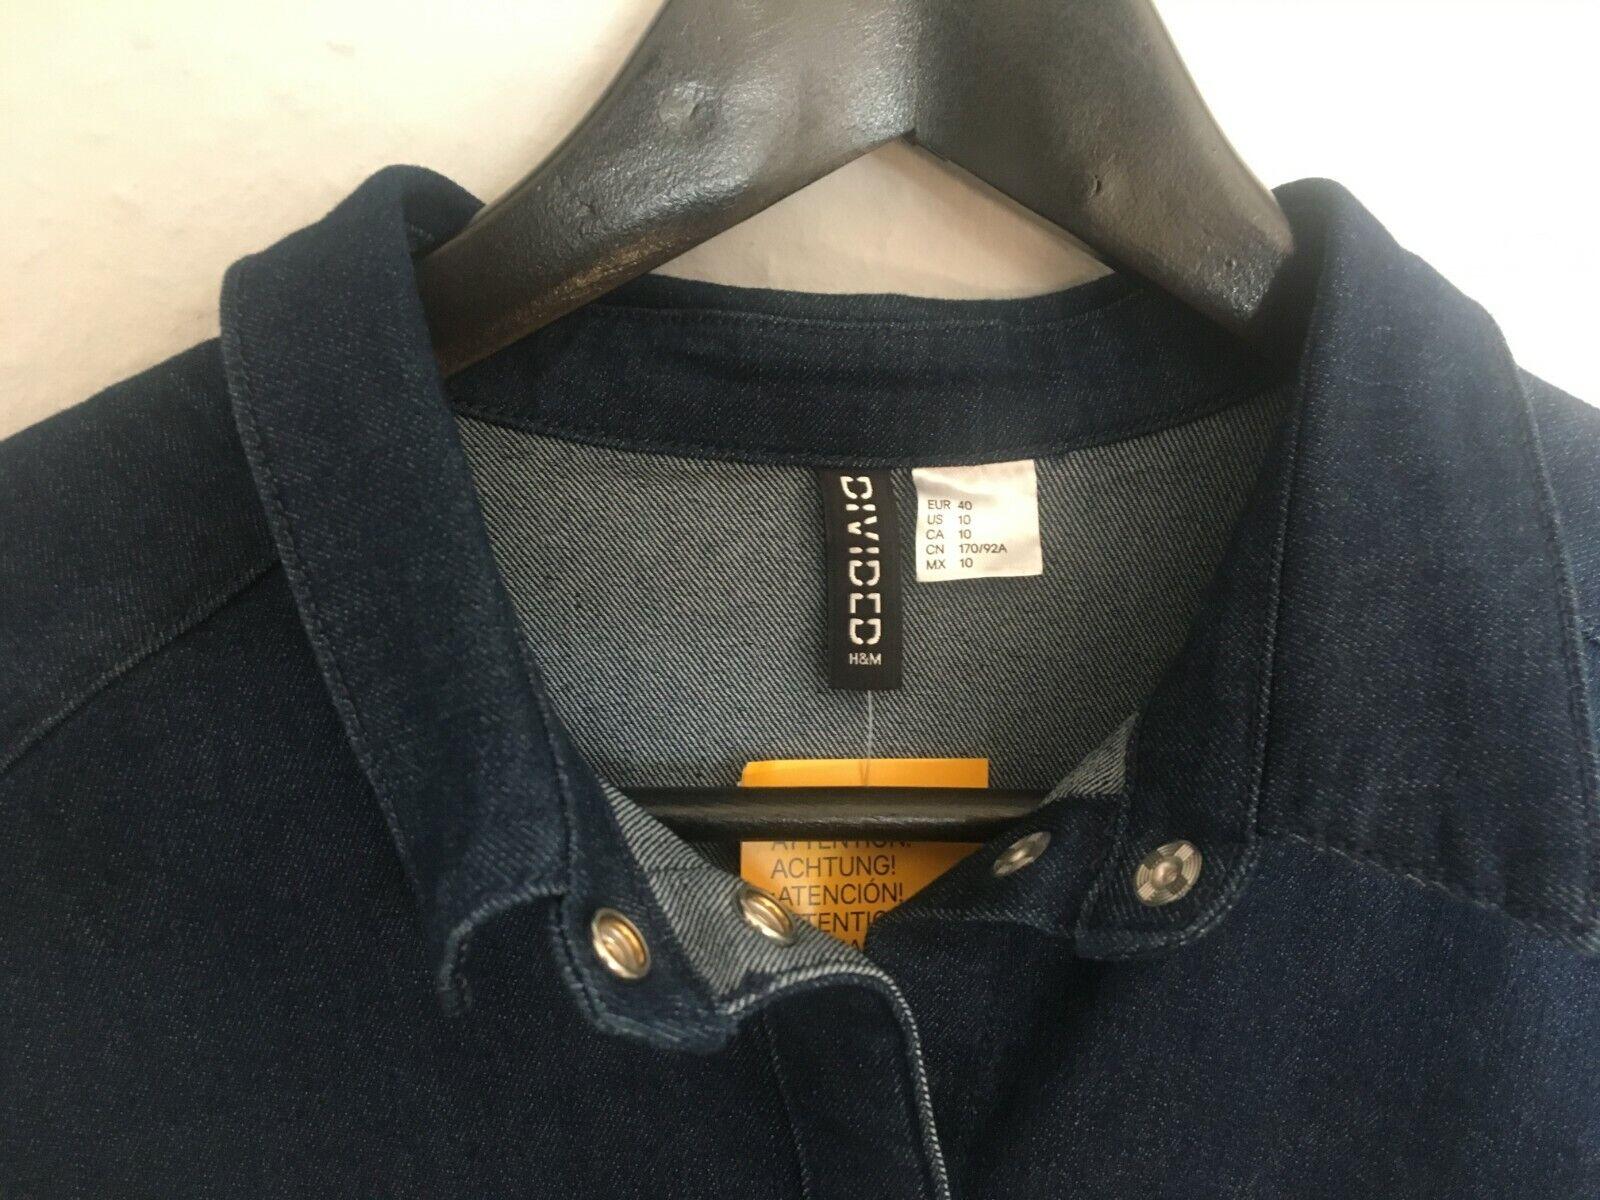 H&M Denim Blau Blau Blau Dress Größe 40 | Verschiedene Arten Und Die Styles  | Hohe Sicherheit  | Angenehmes Gefühl  22823e